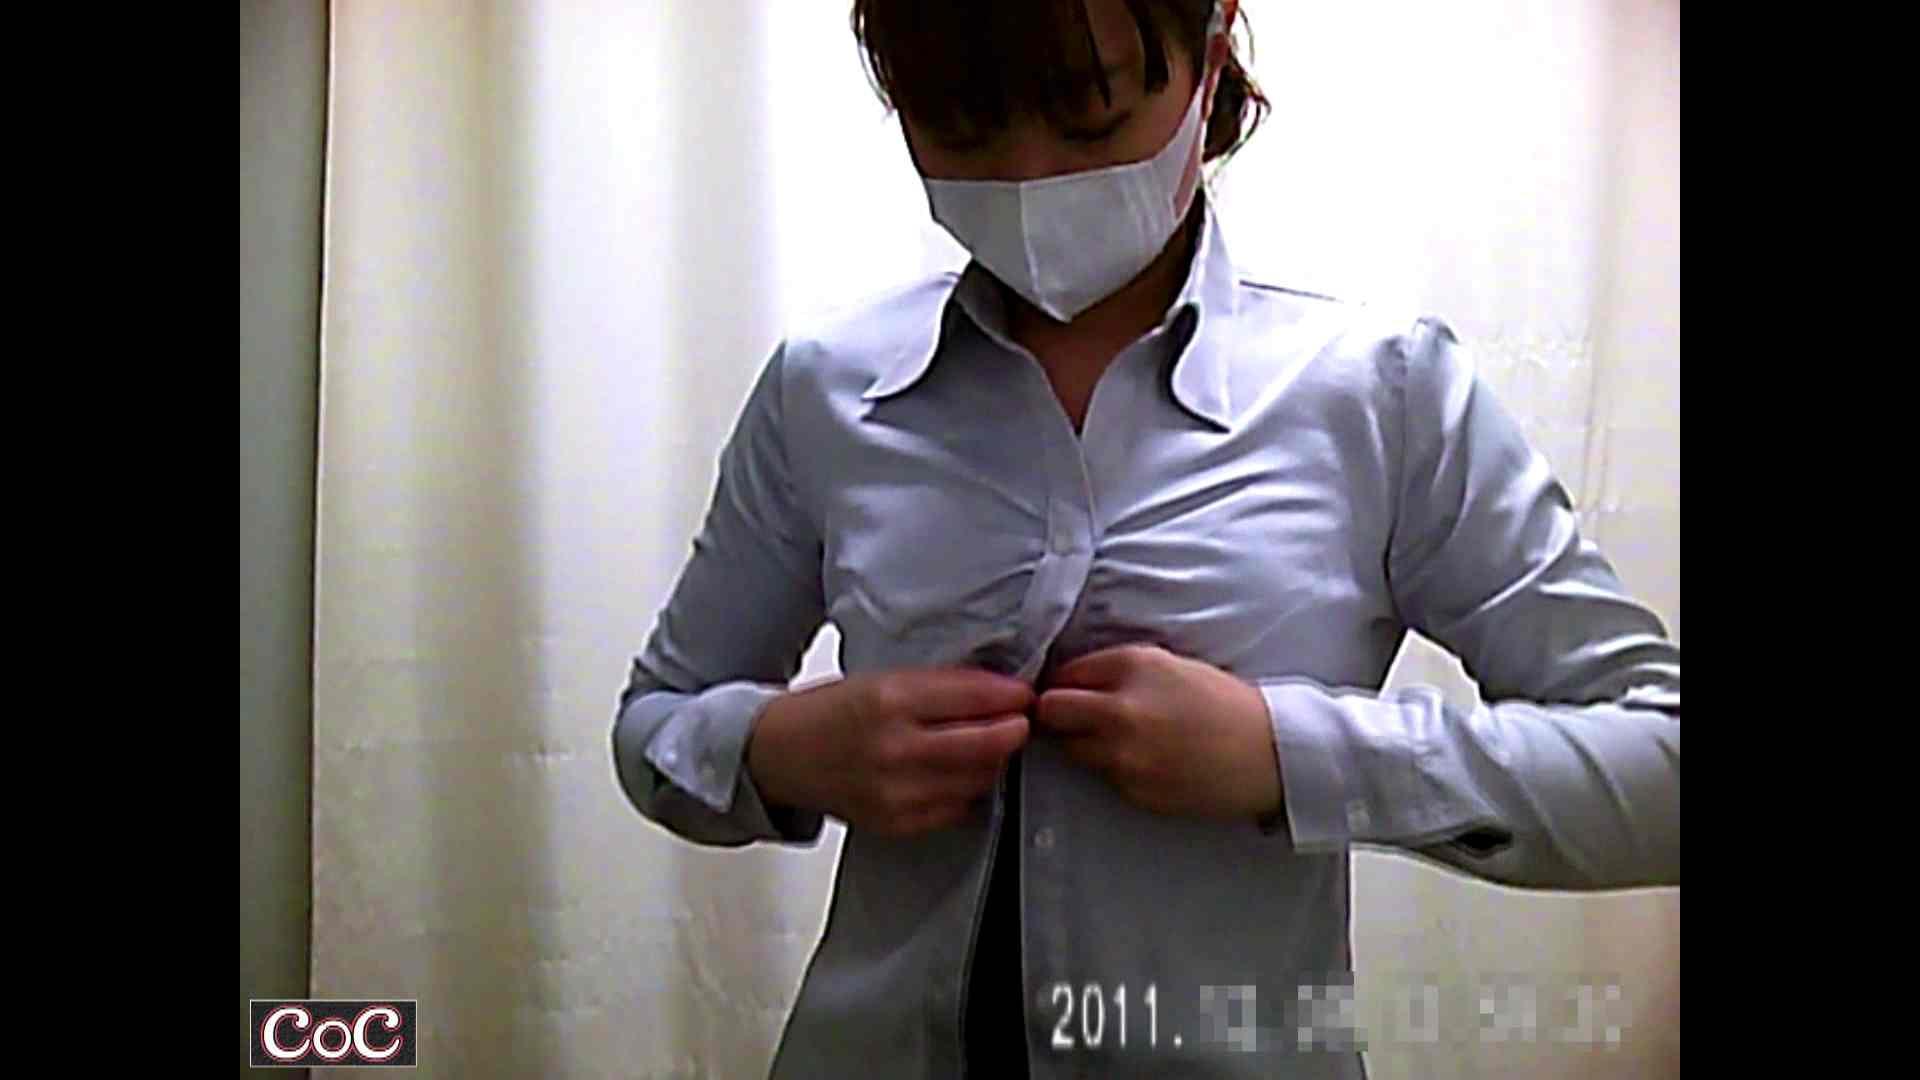 元医者による反抗 更衣室地獄絵巻 vol.179 OLの実態  32pic 4